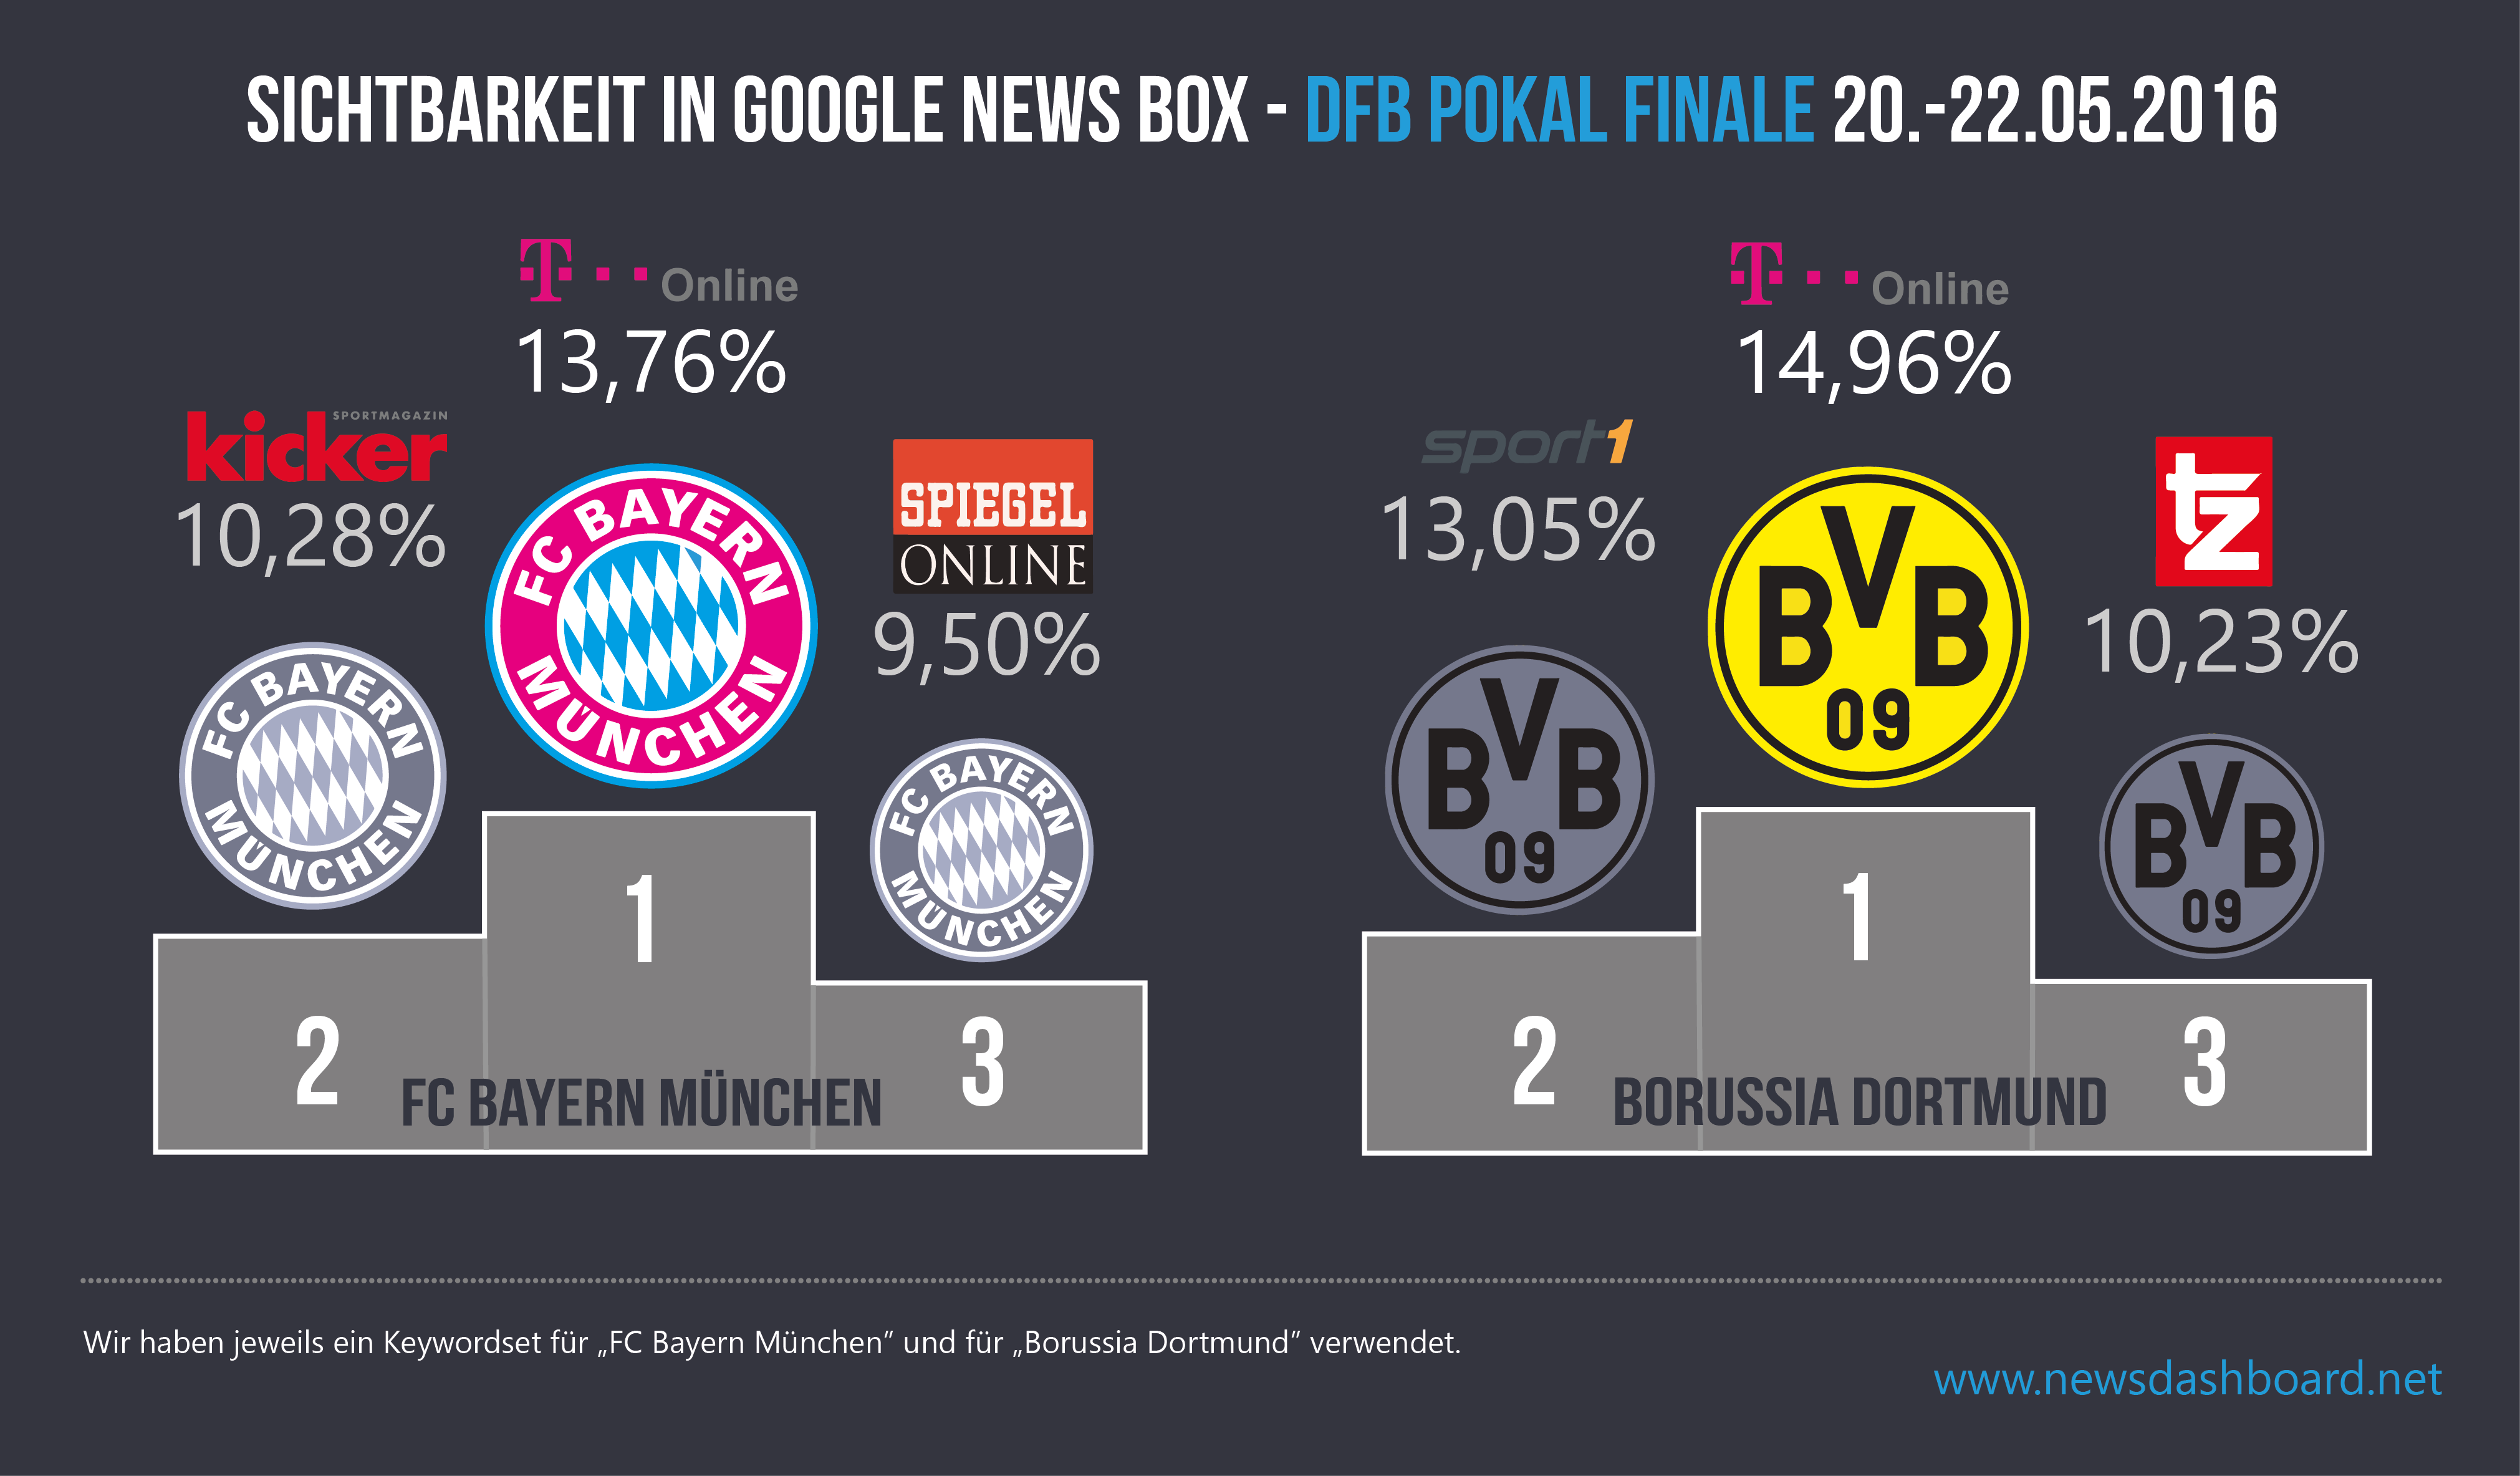 Sowohl wenn man nach Bayern München suchte als auch nach Borussia Dortmund - T-Online Artikel waren am stärksten in der Google News Box präsent.